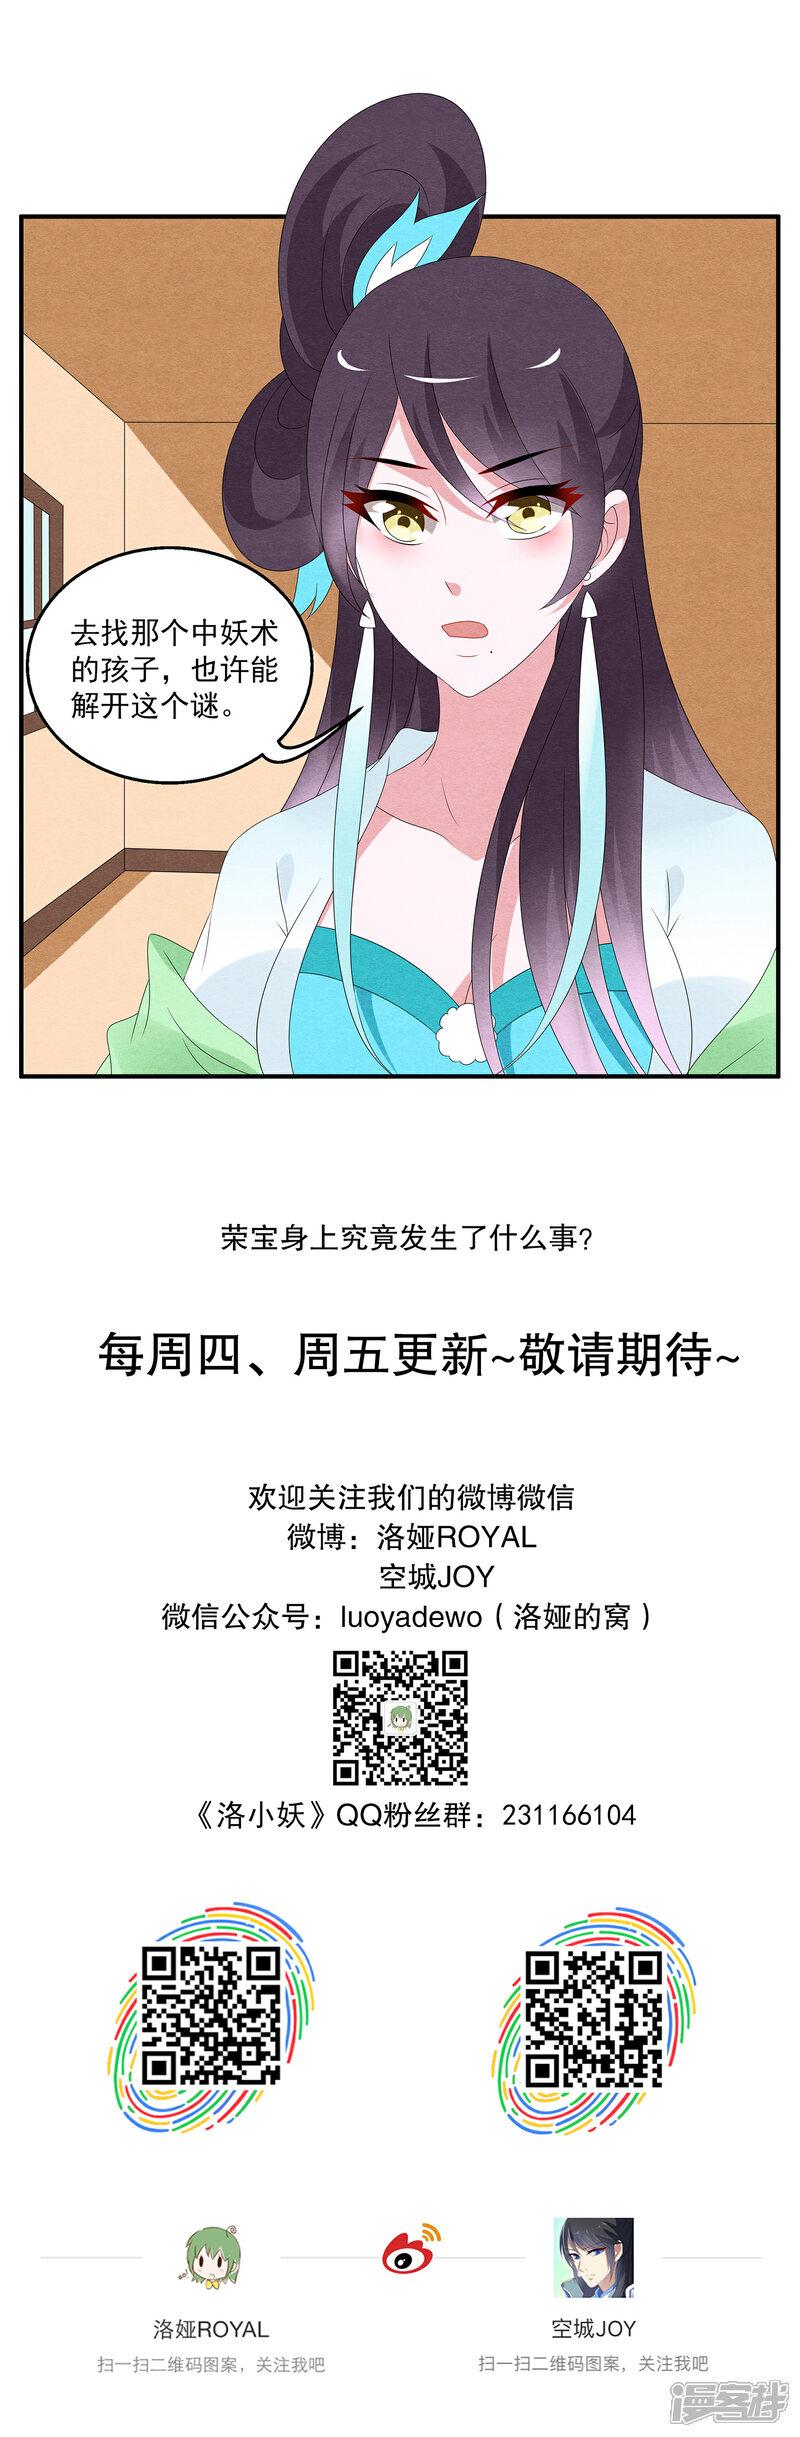 洛小妖96970007-2.jpg